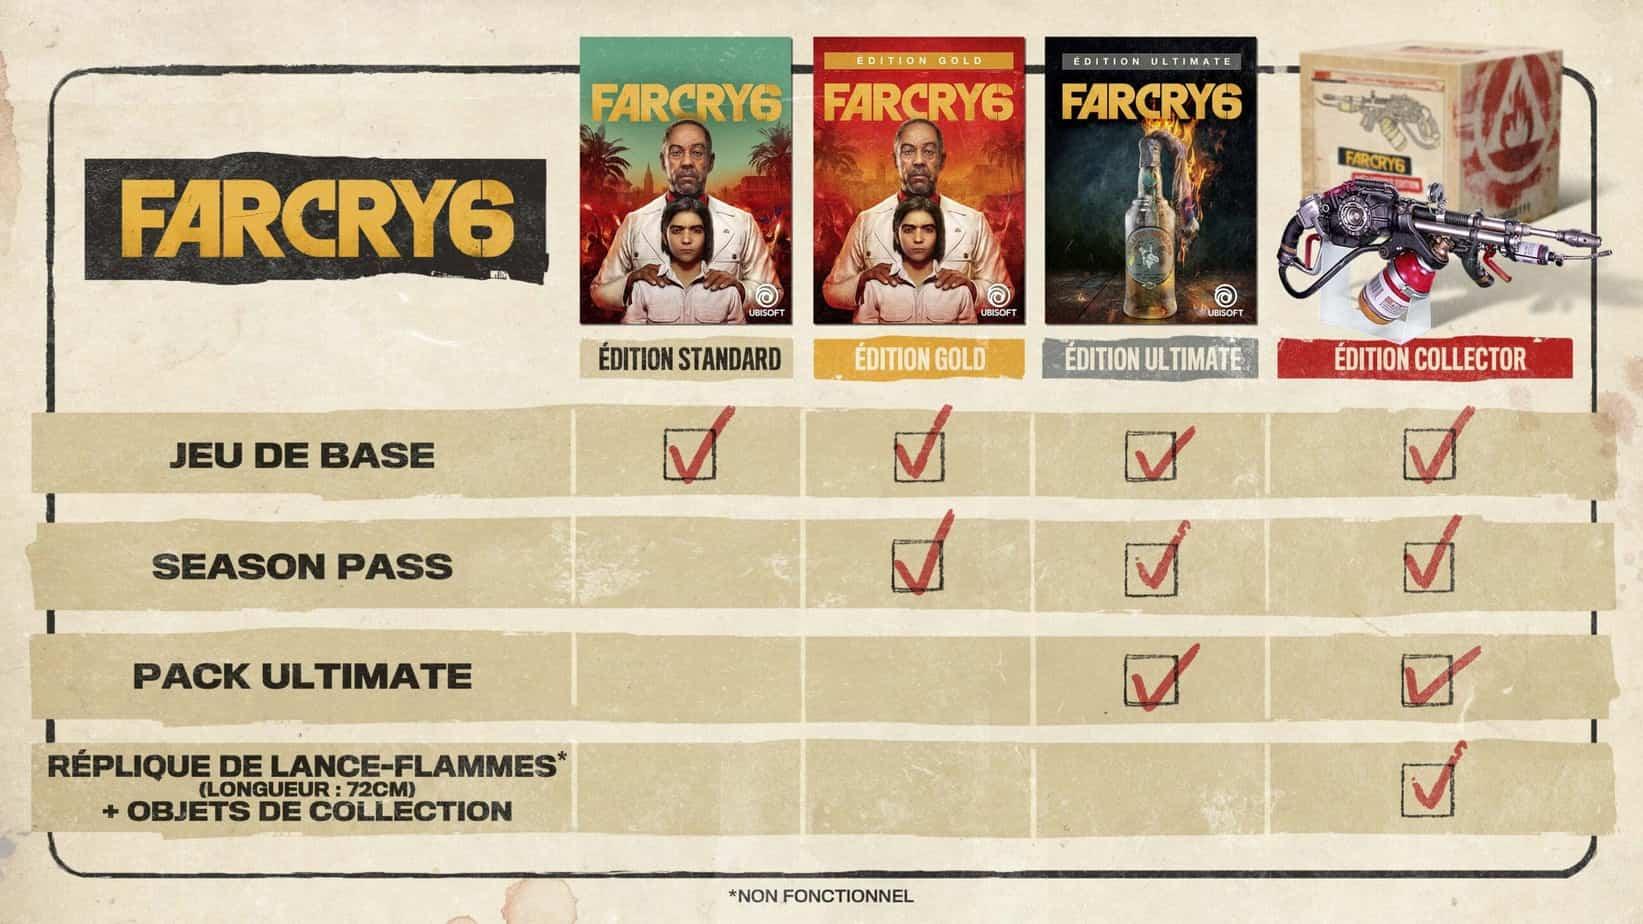 Les différentes éditions de précommandes de Far Cry 6.